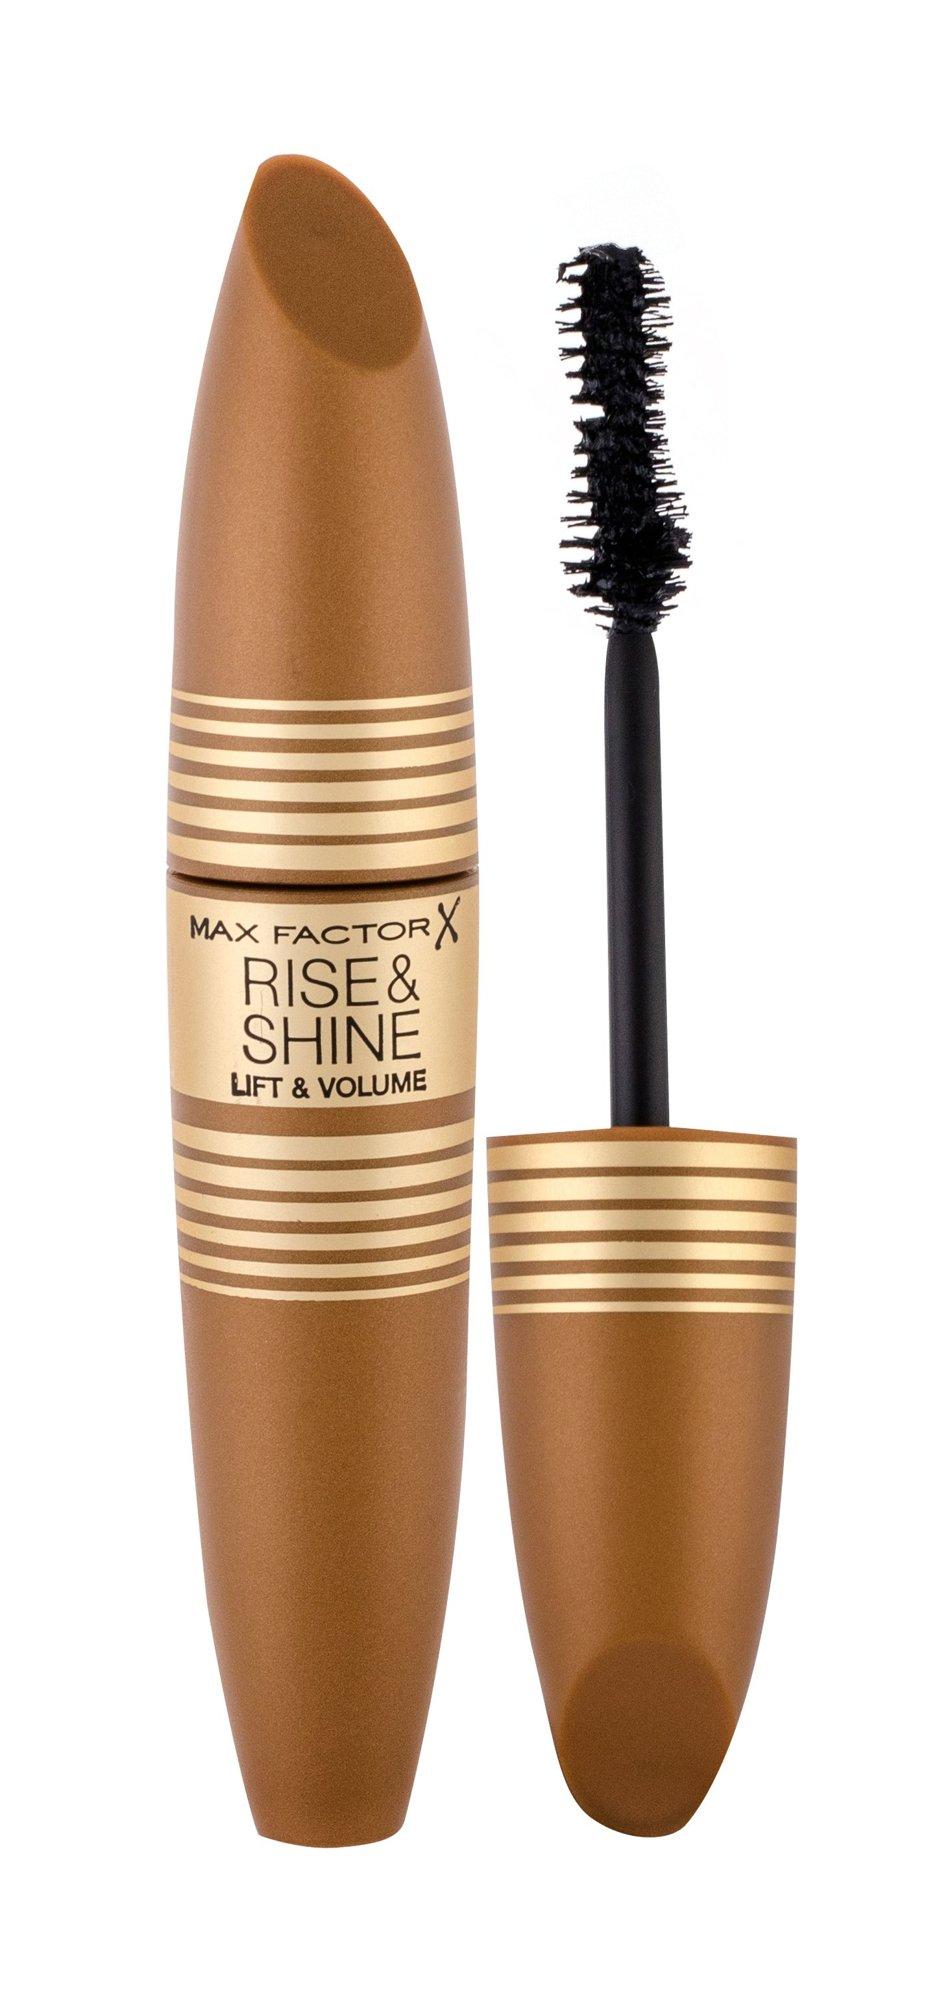 Max Factor Rise & Shine Mascara 12ml 000 Intense Black